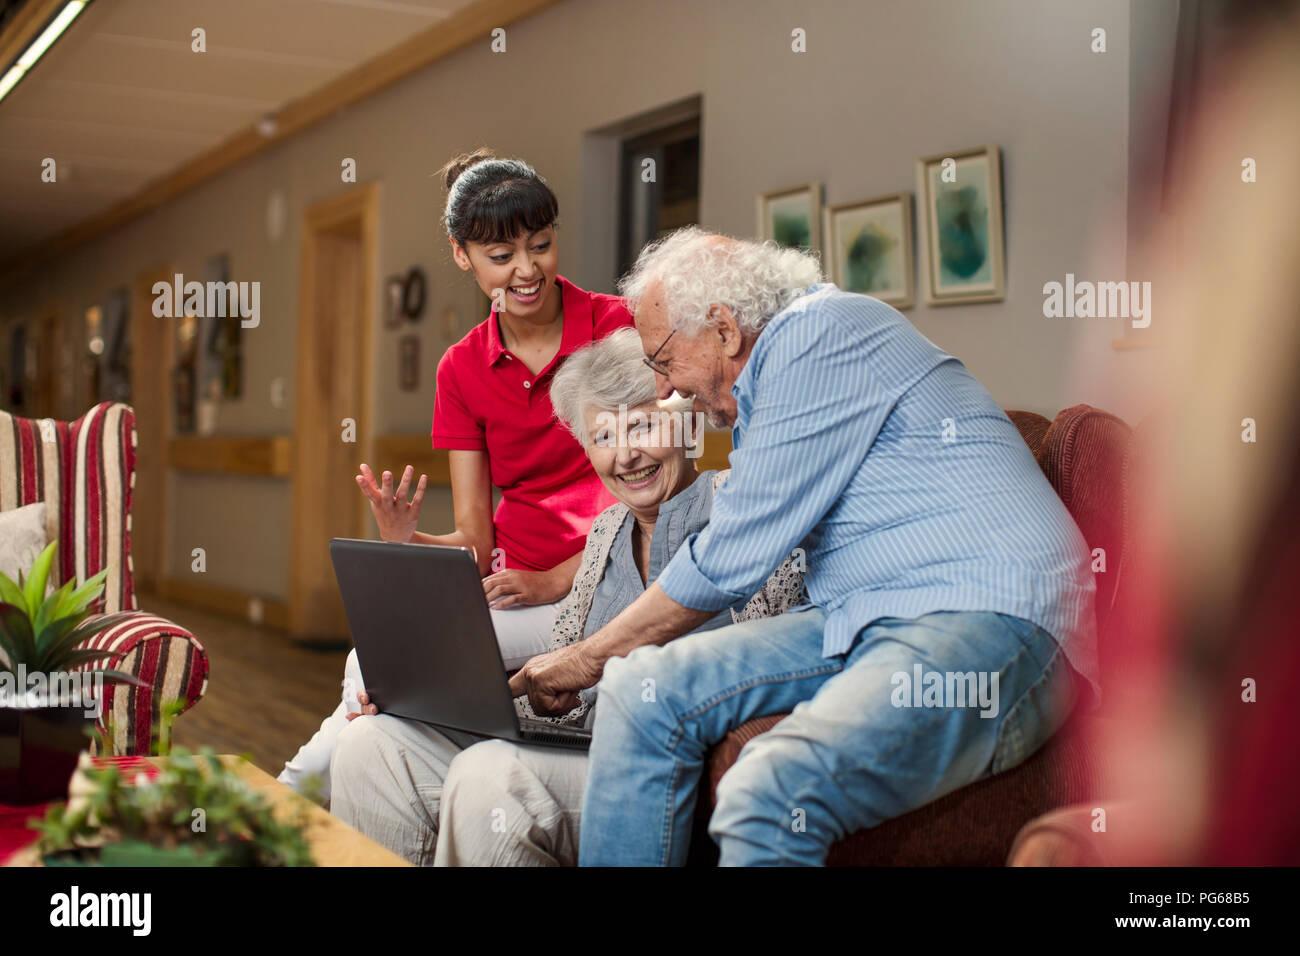 Houston European Seniors Singles Online Dating Service